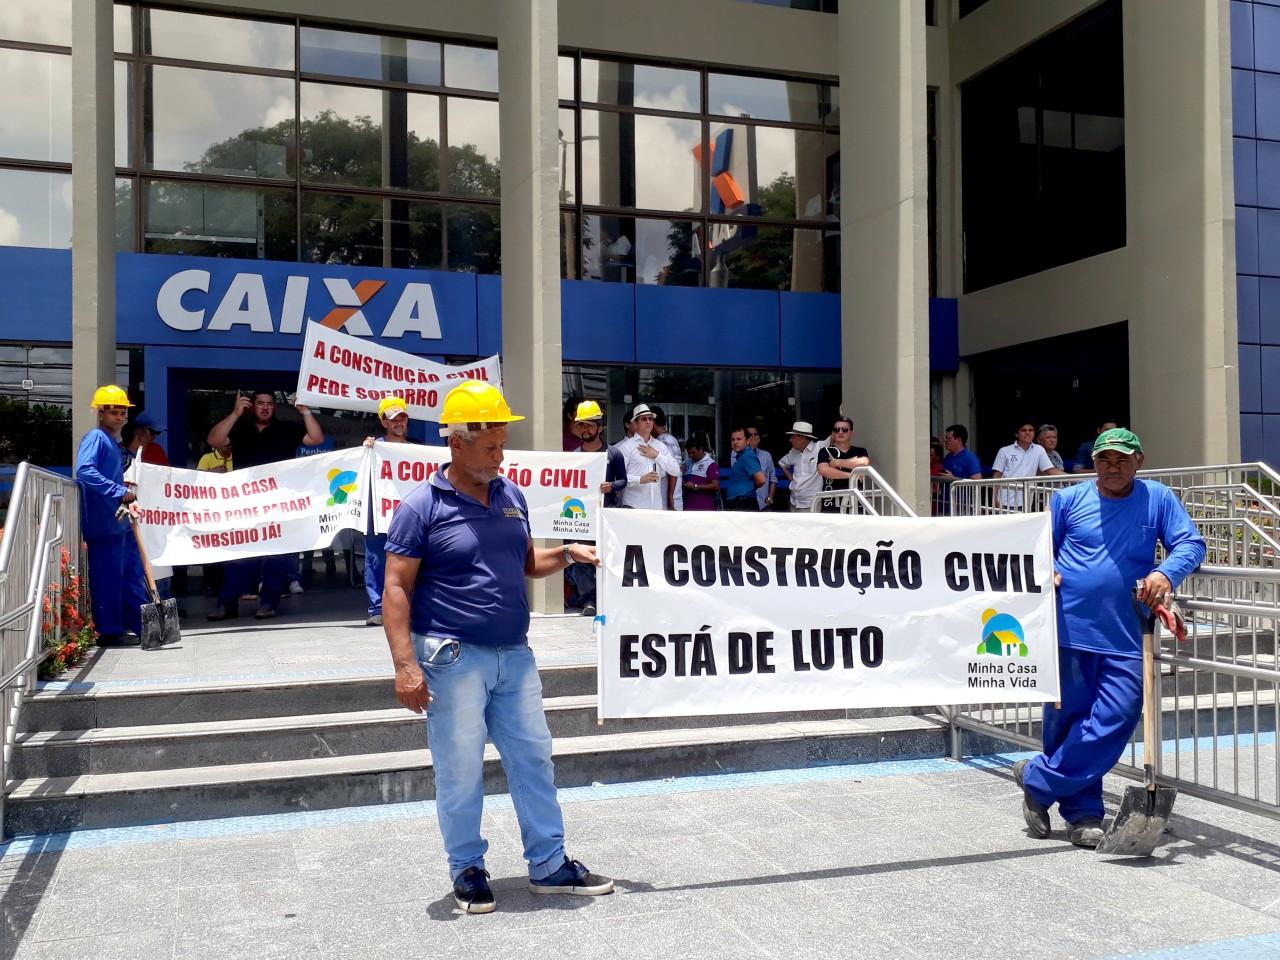 Protesto MCMV - Construtores e corretores de imóveis protestam contra crise no MCMV